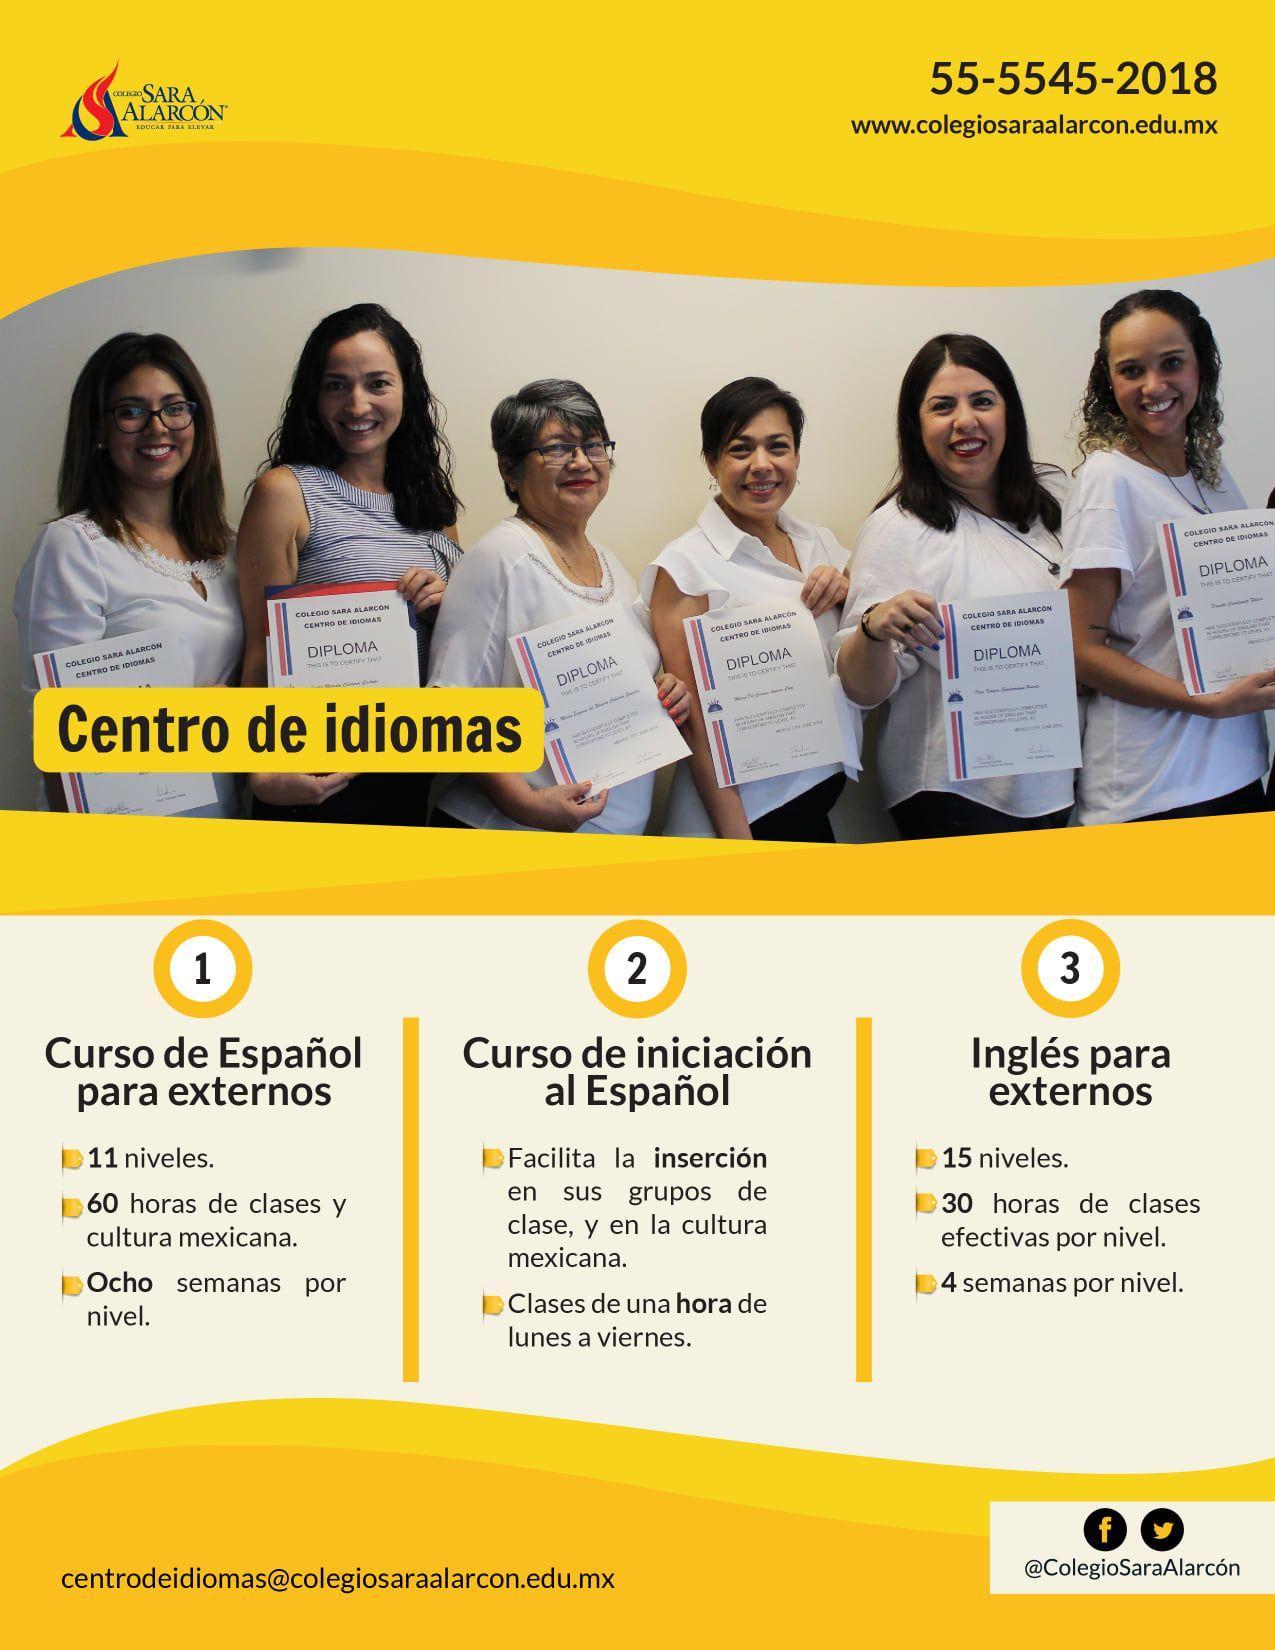 CSA - cursos de idiomas